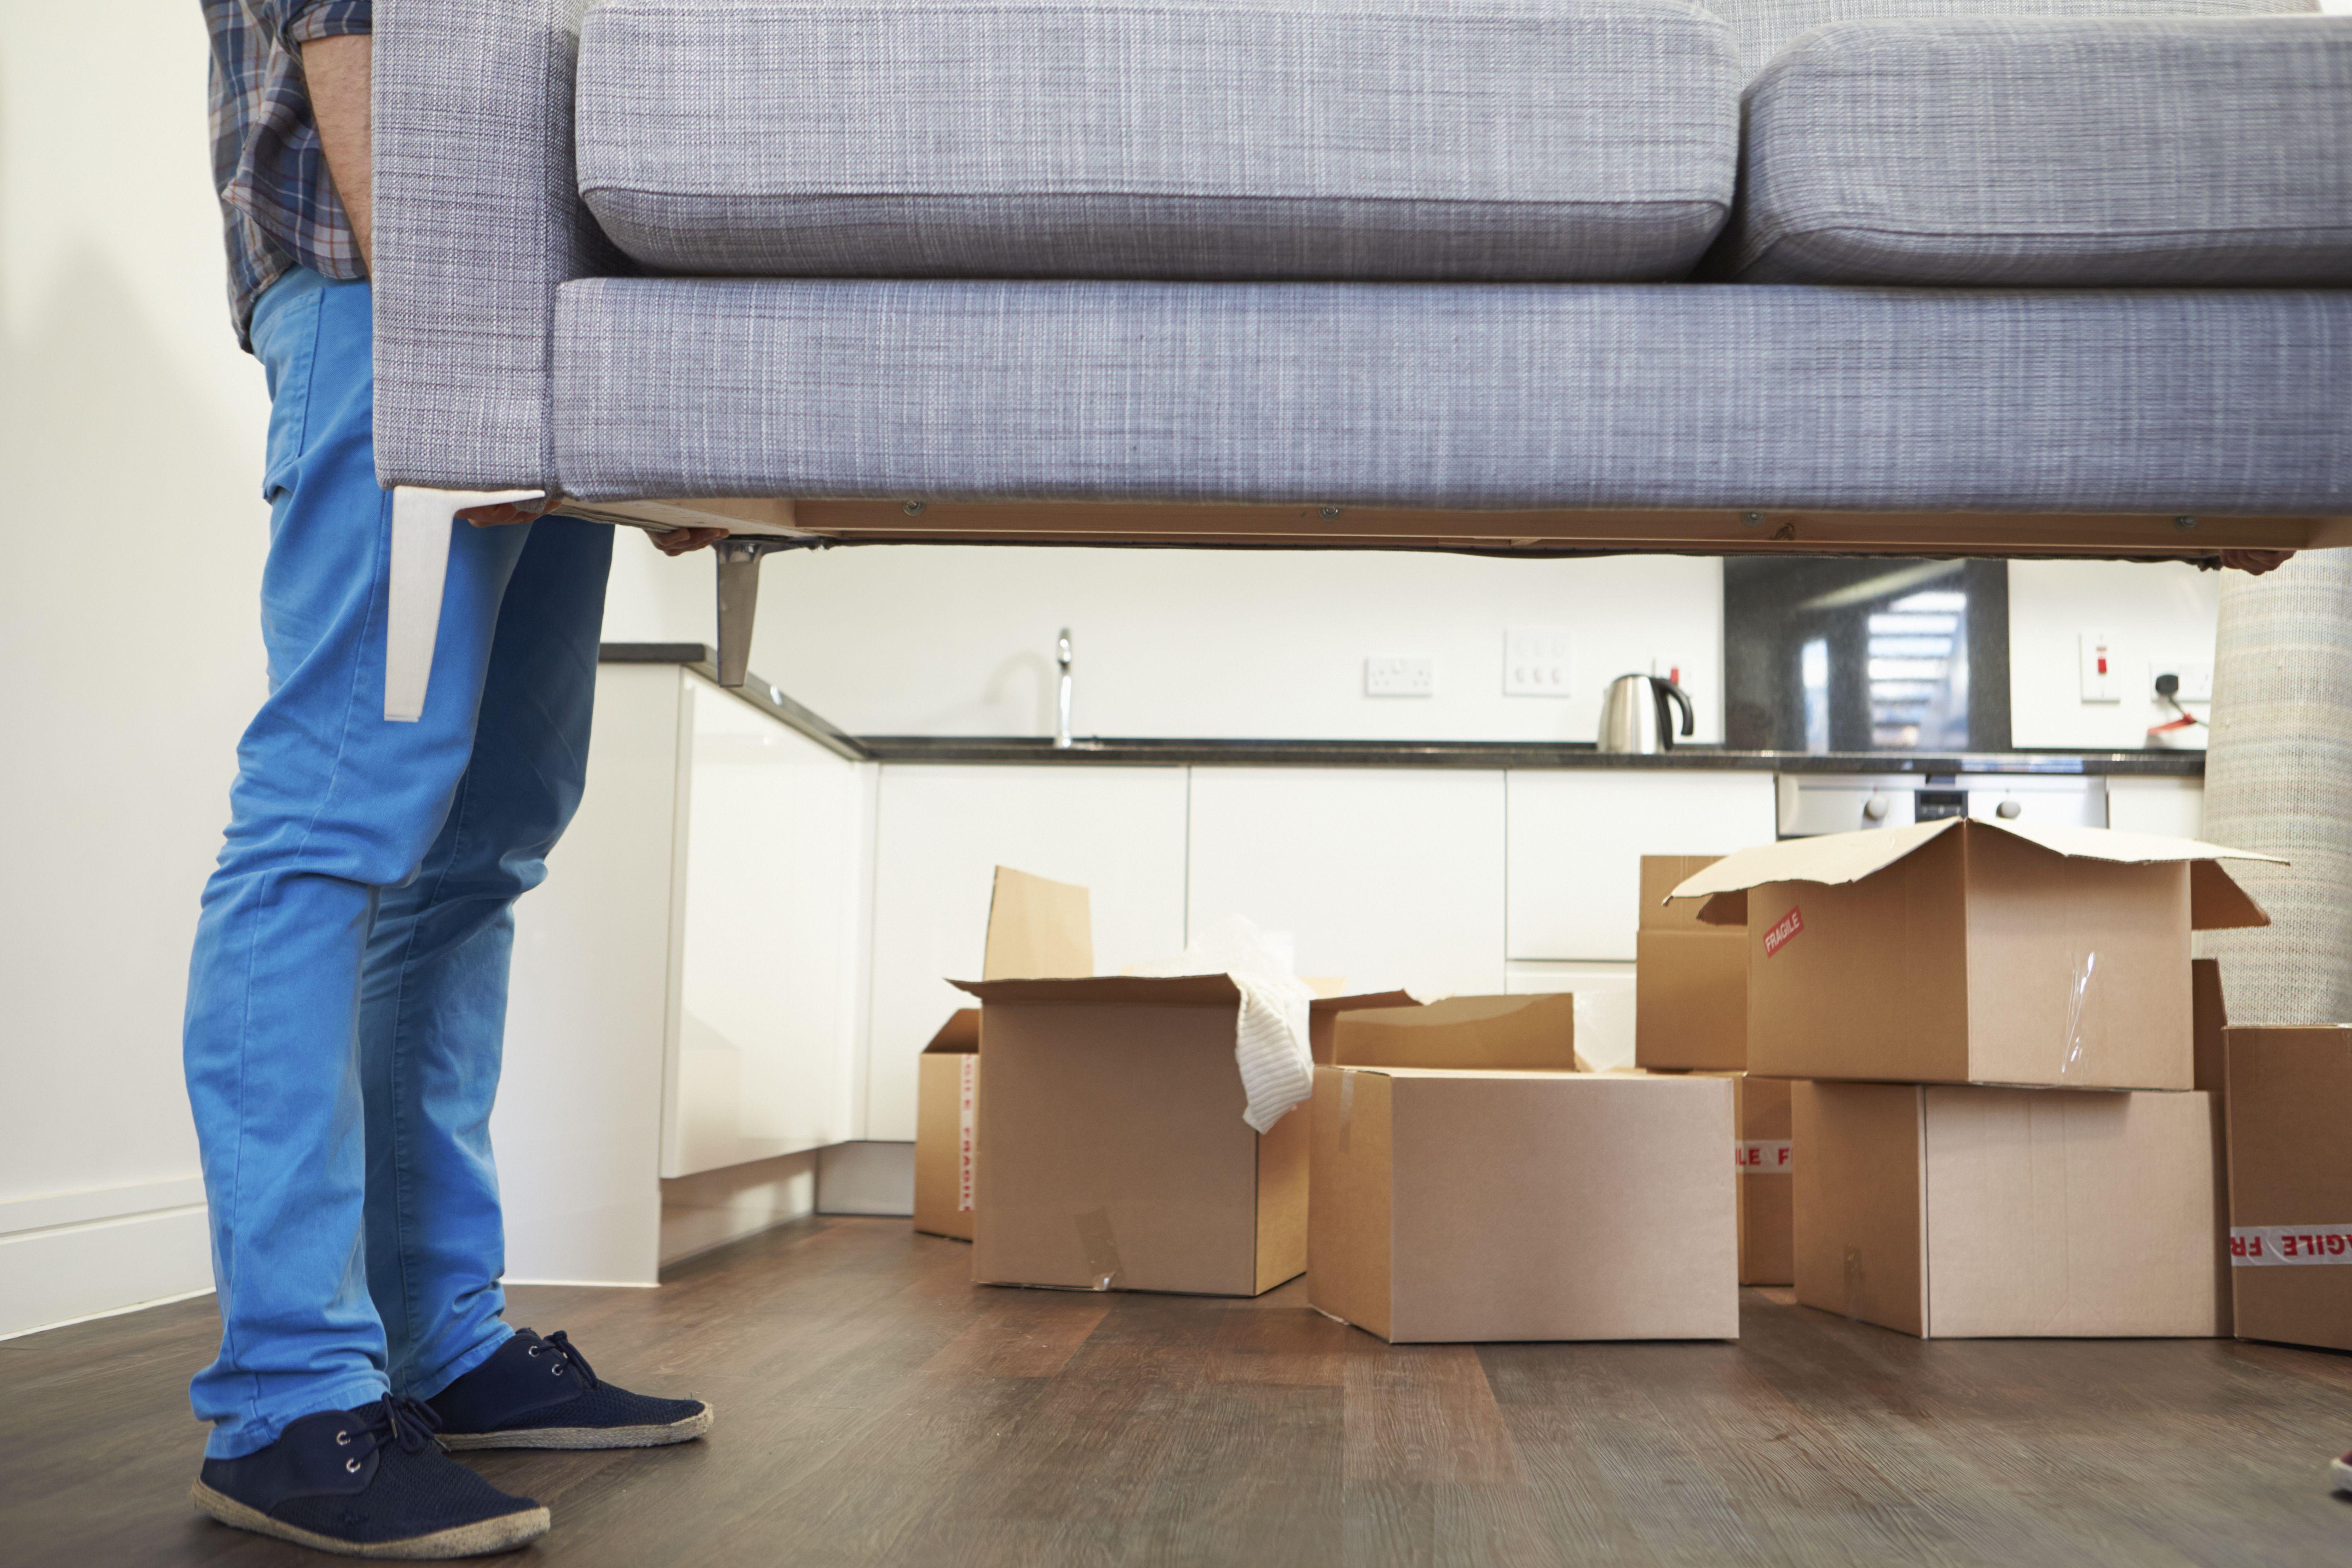 Foto 2 de Mudanzas y guardamuebles en Ibi | Mudanzas Ibi